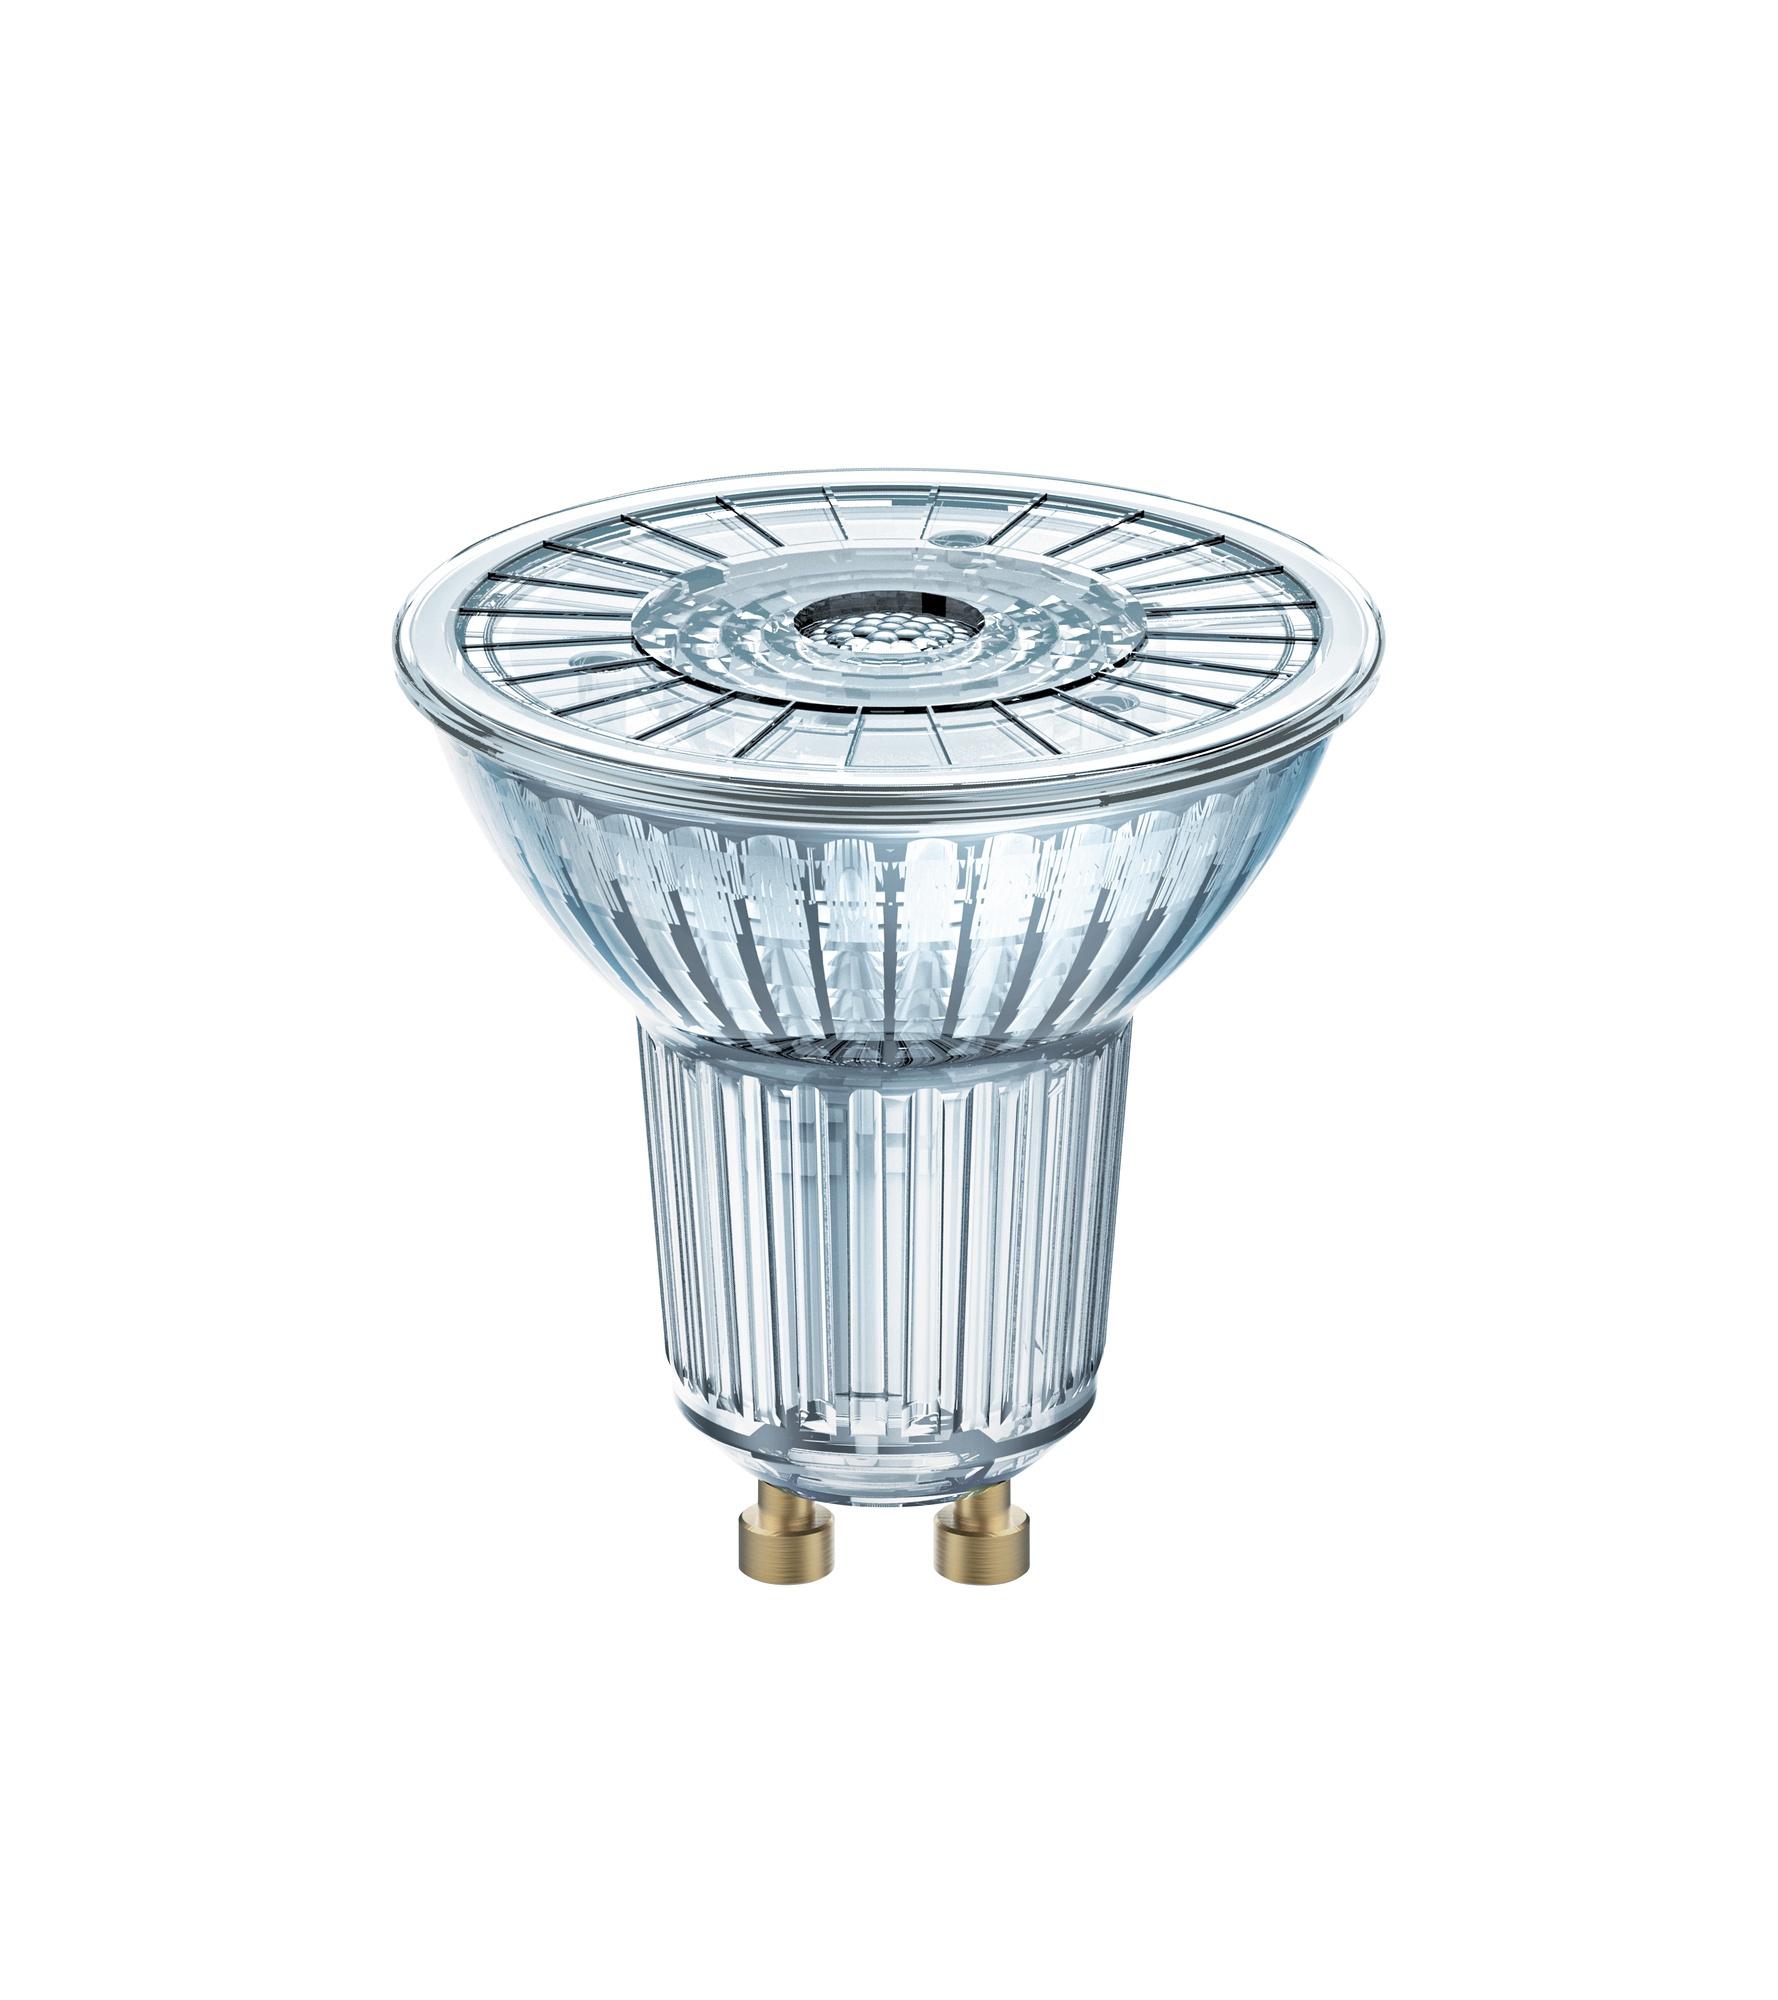 LED lempa Osram MR16, 7.2W, GU10, 2700K, 575lm, DIM